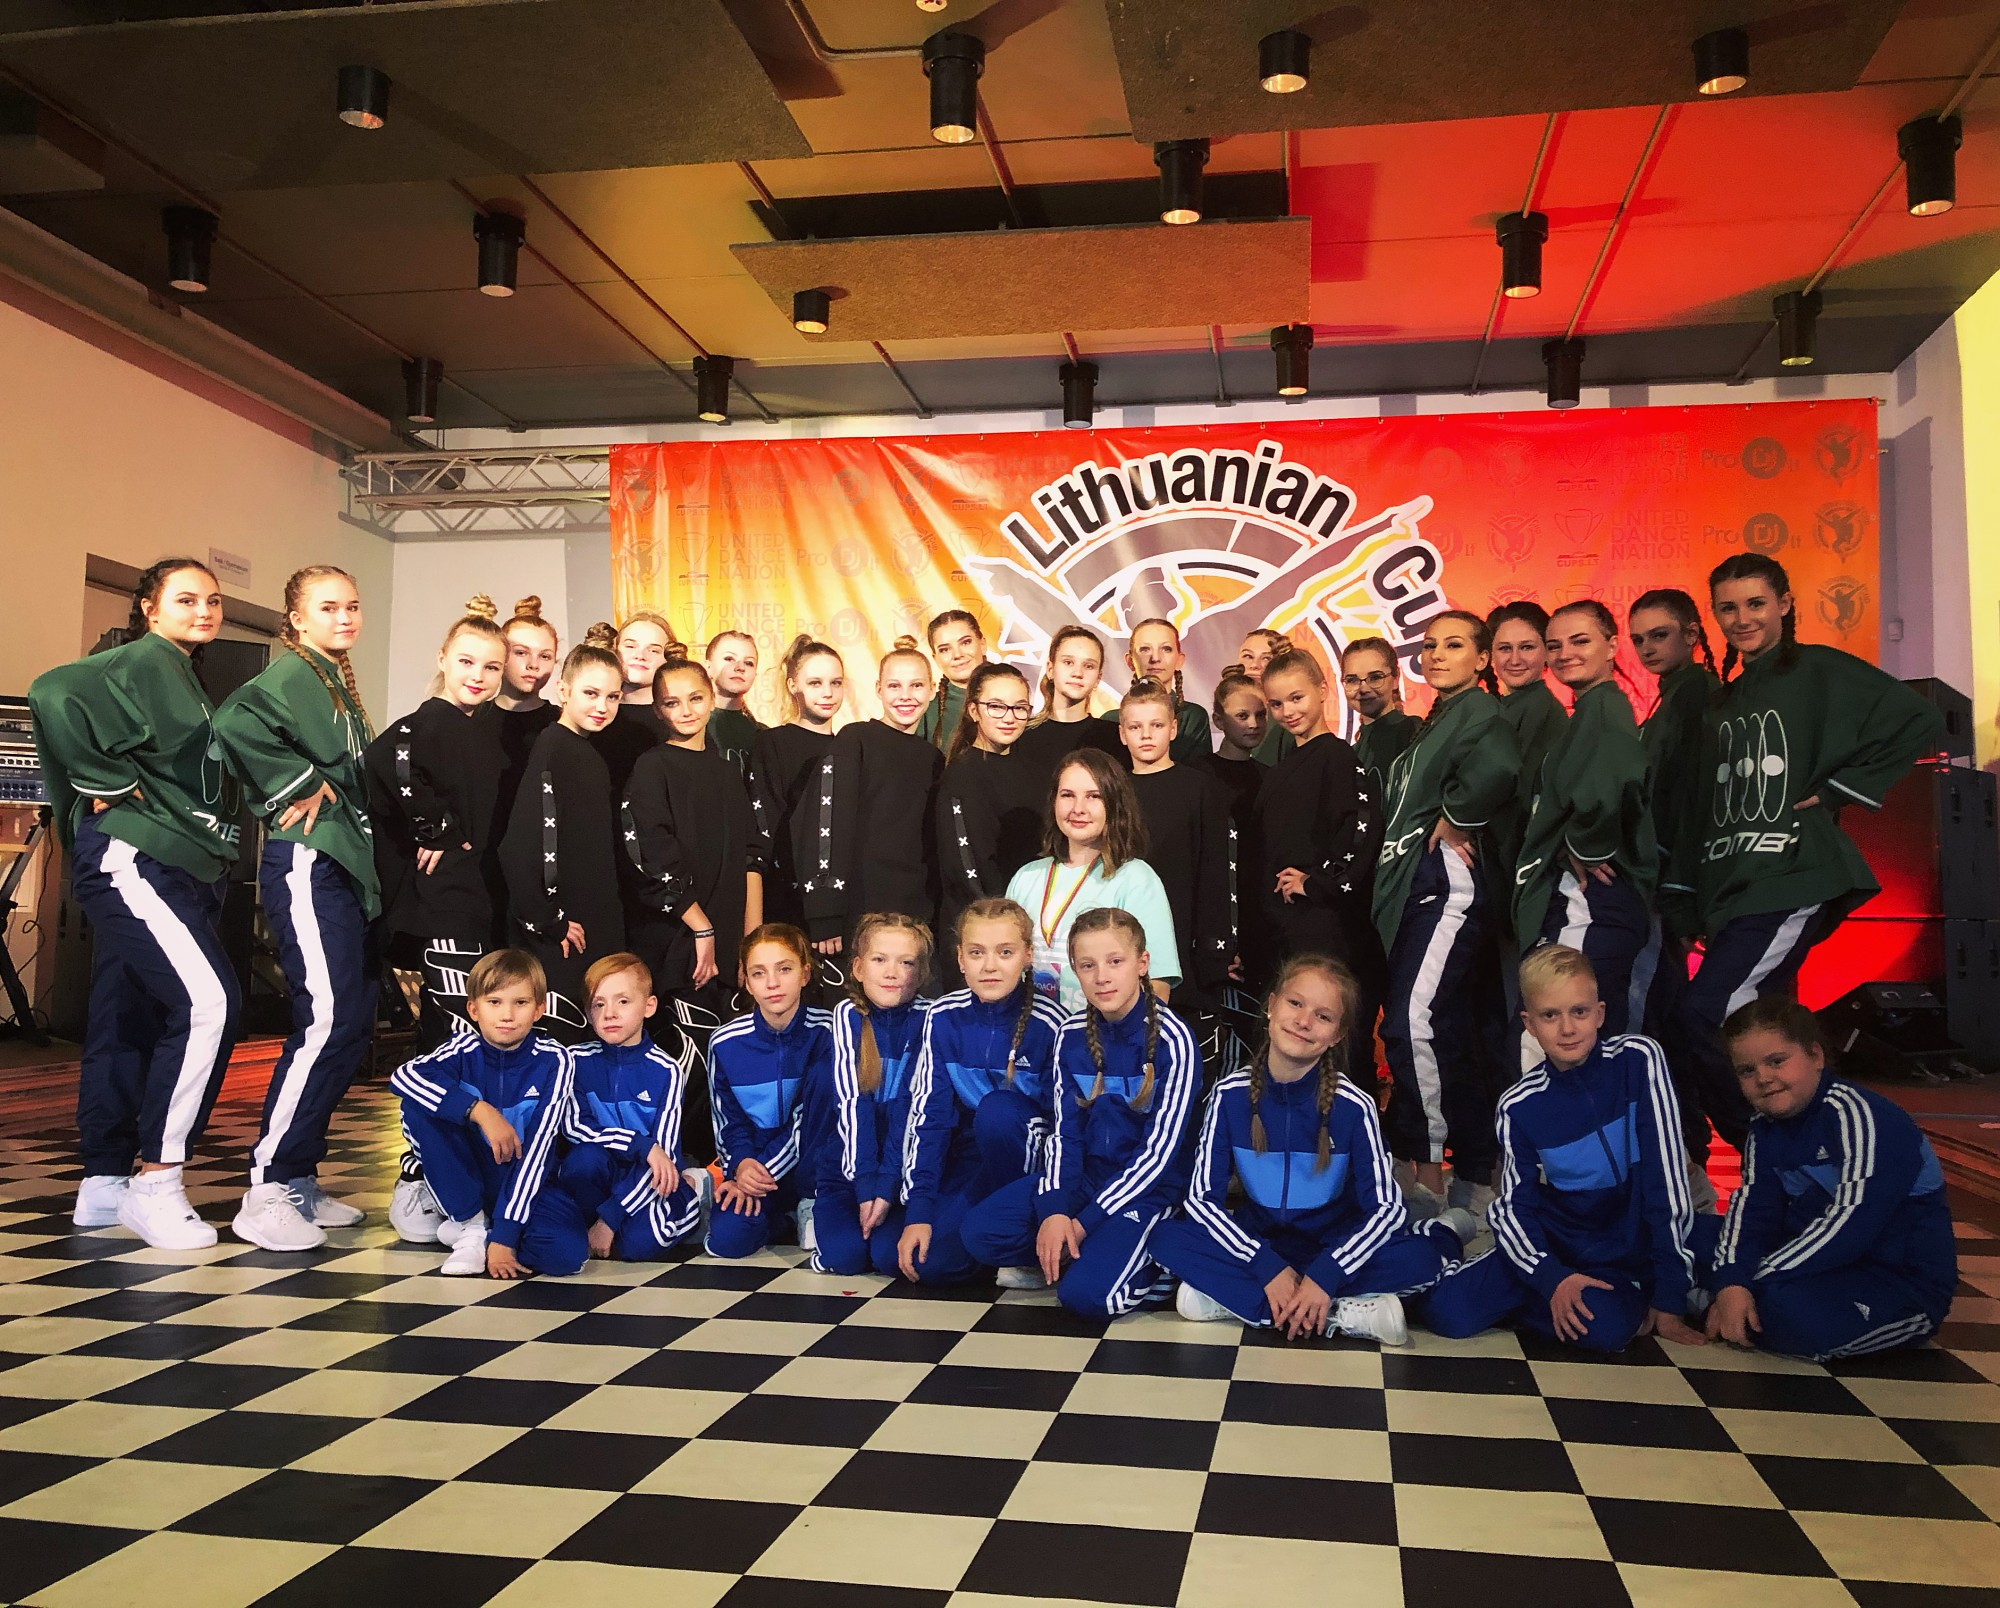 LBJC dejotāji dažādos starptautiskos konkursos izcīna godalgotas vietas